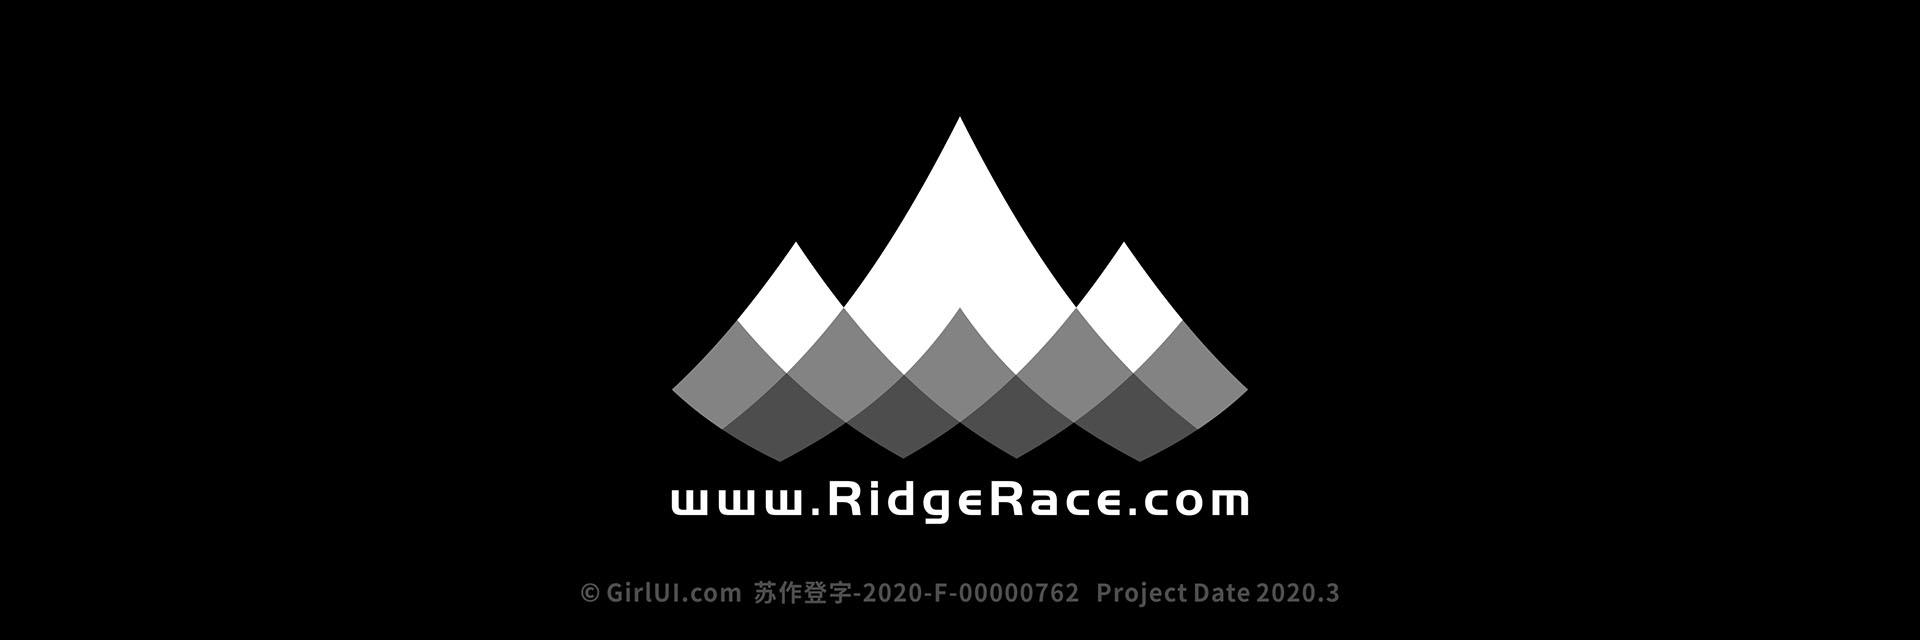 追忆往昔——山脊赛车 RidgeRace.com